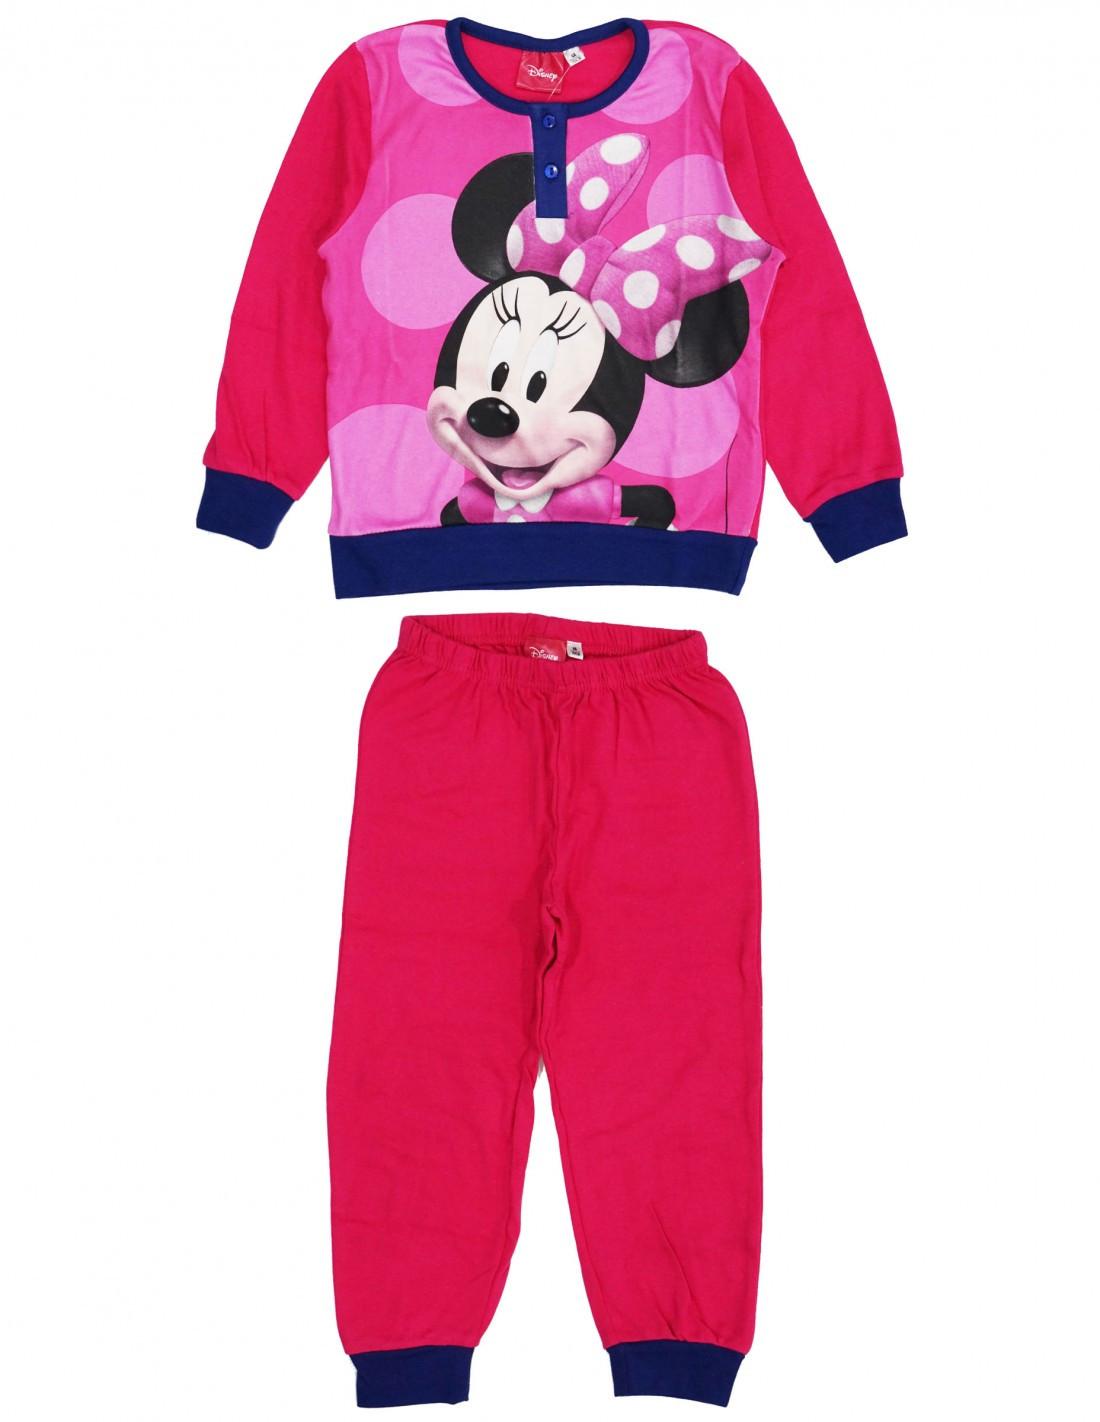 Pigiama Disney Minnie - Magenta 5 Anni